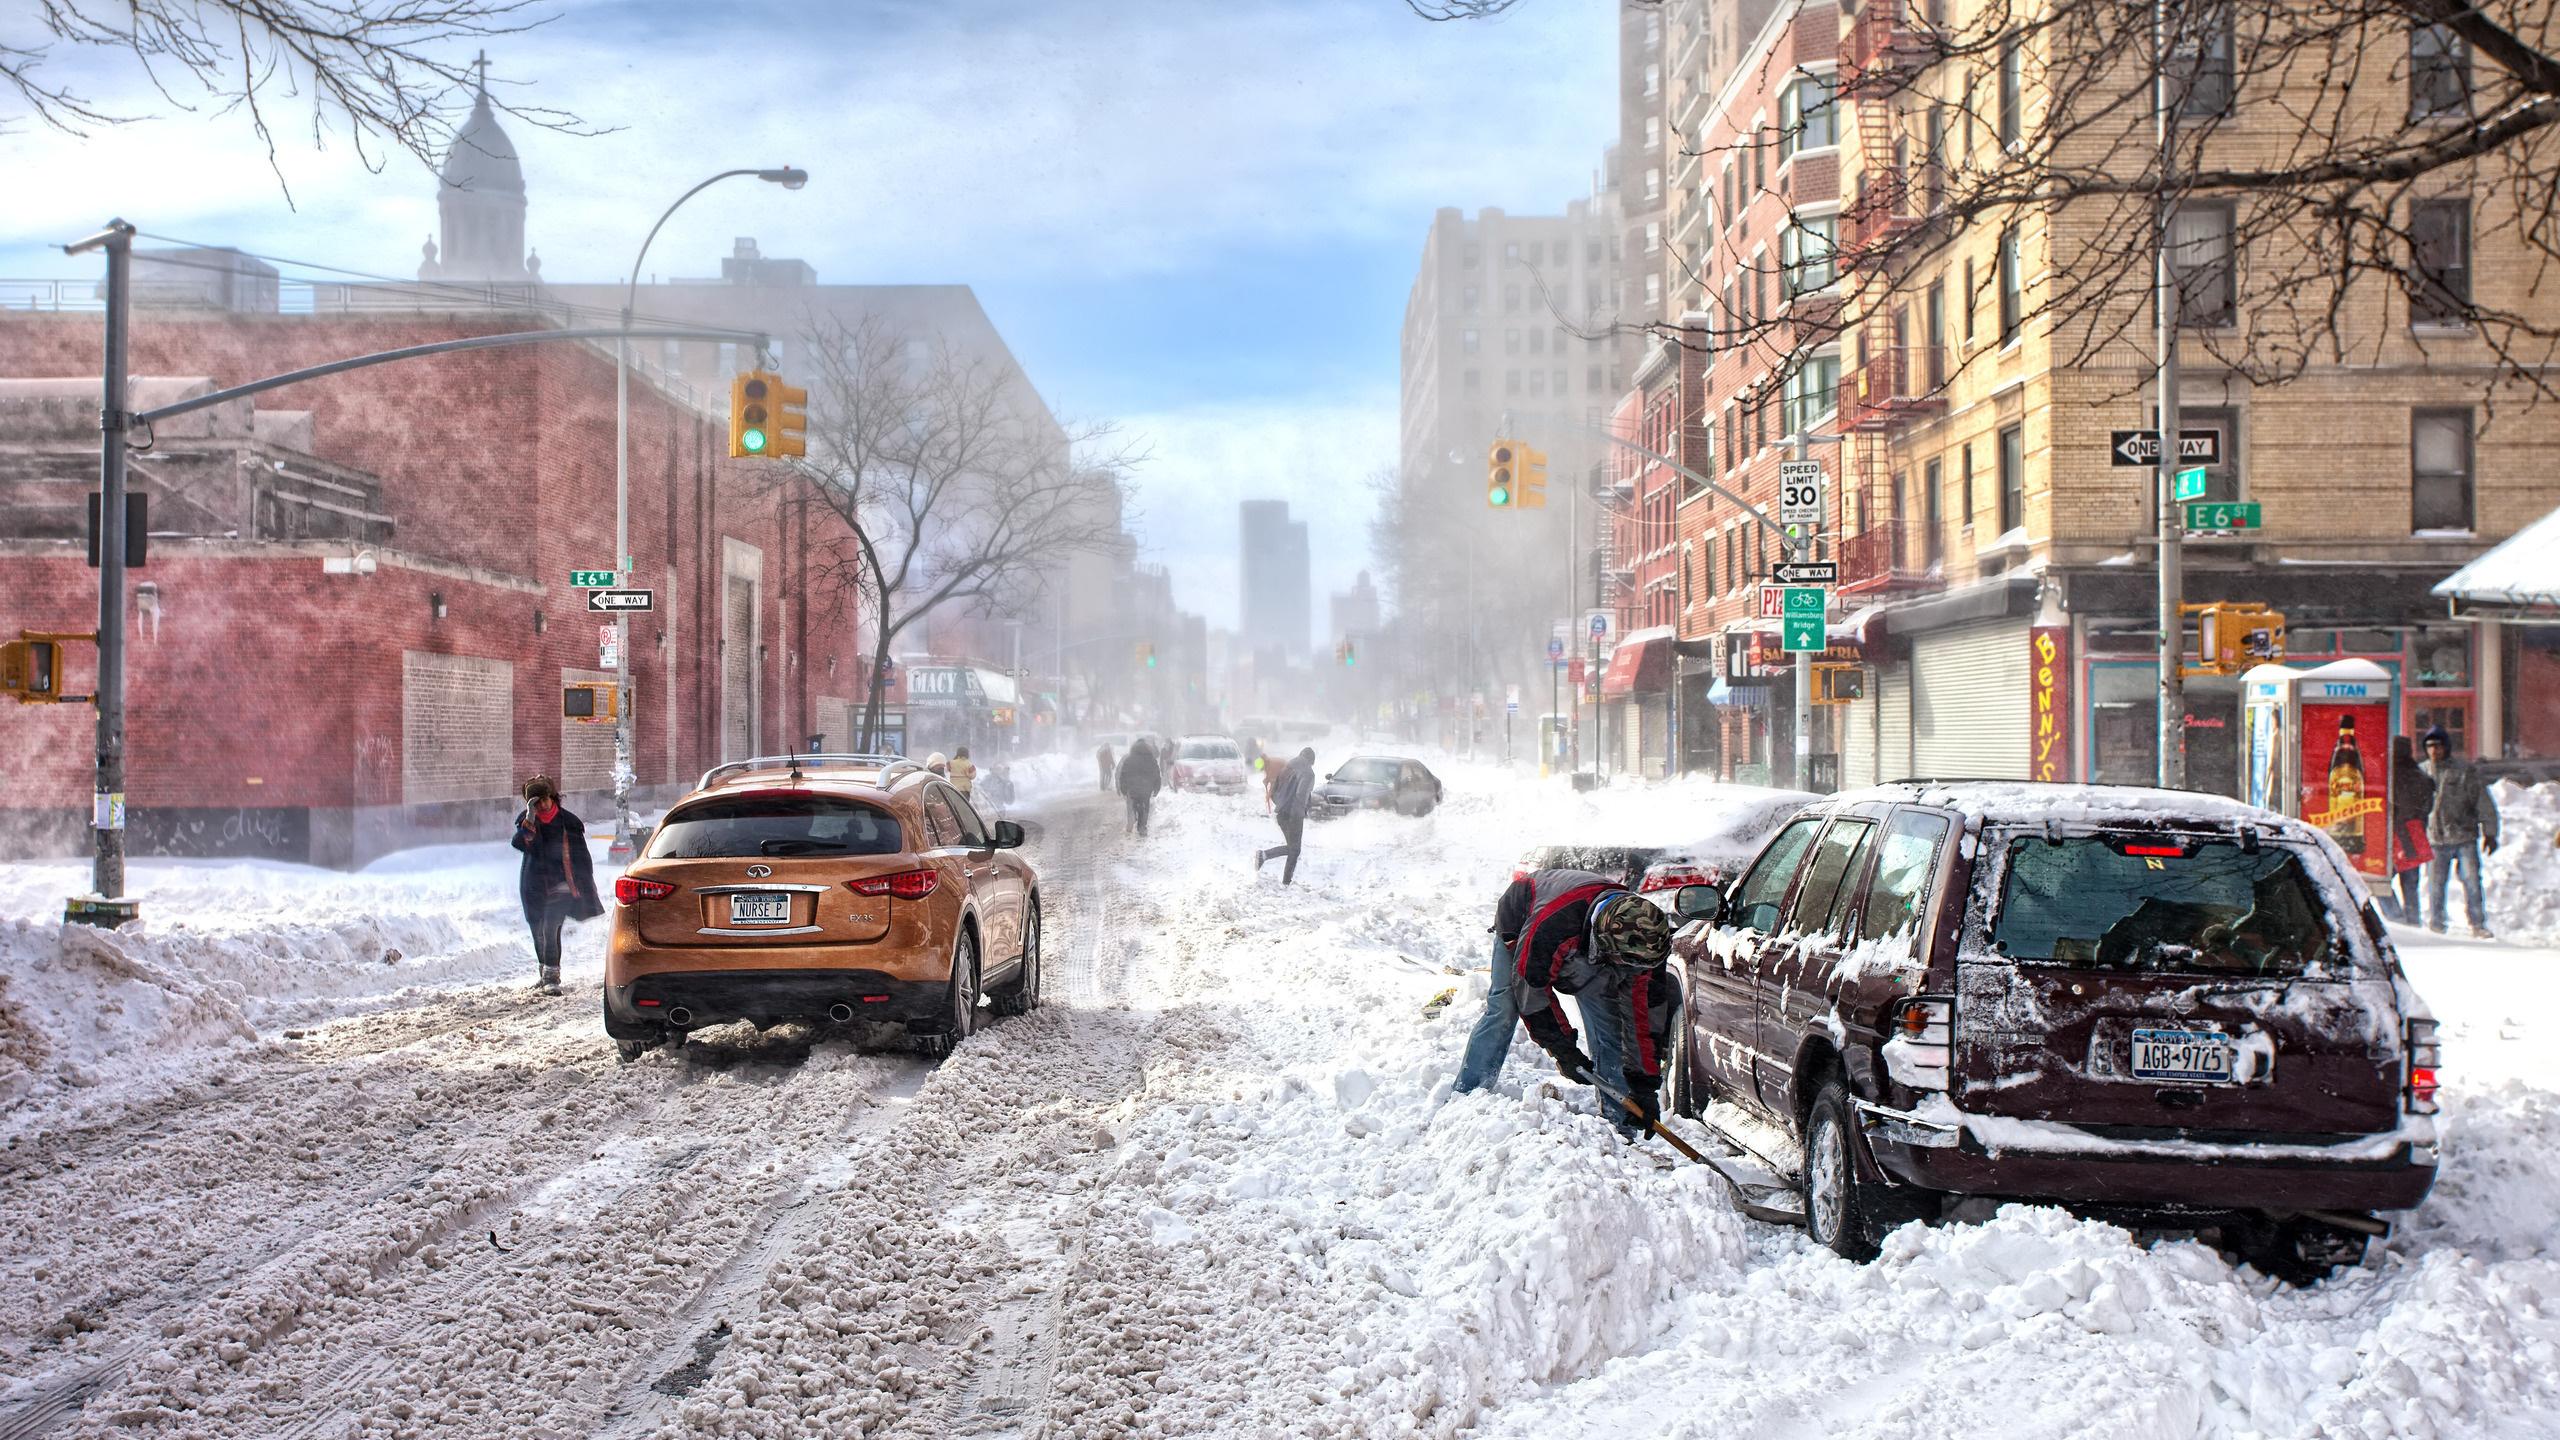 Скачать картинку Транспорт, Пейзаж, Города, Машины, Зима, Снег в телефон бесплатно.